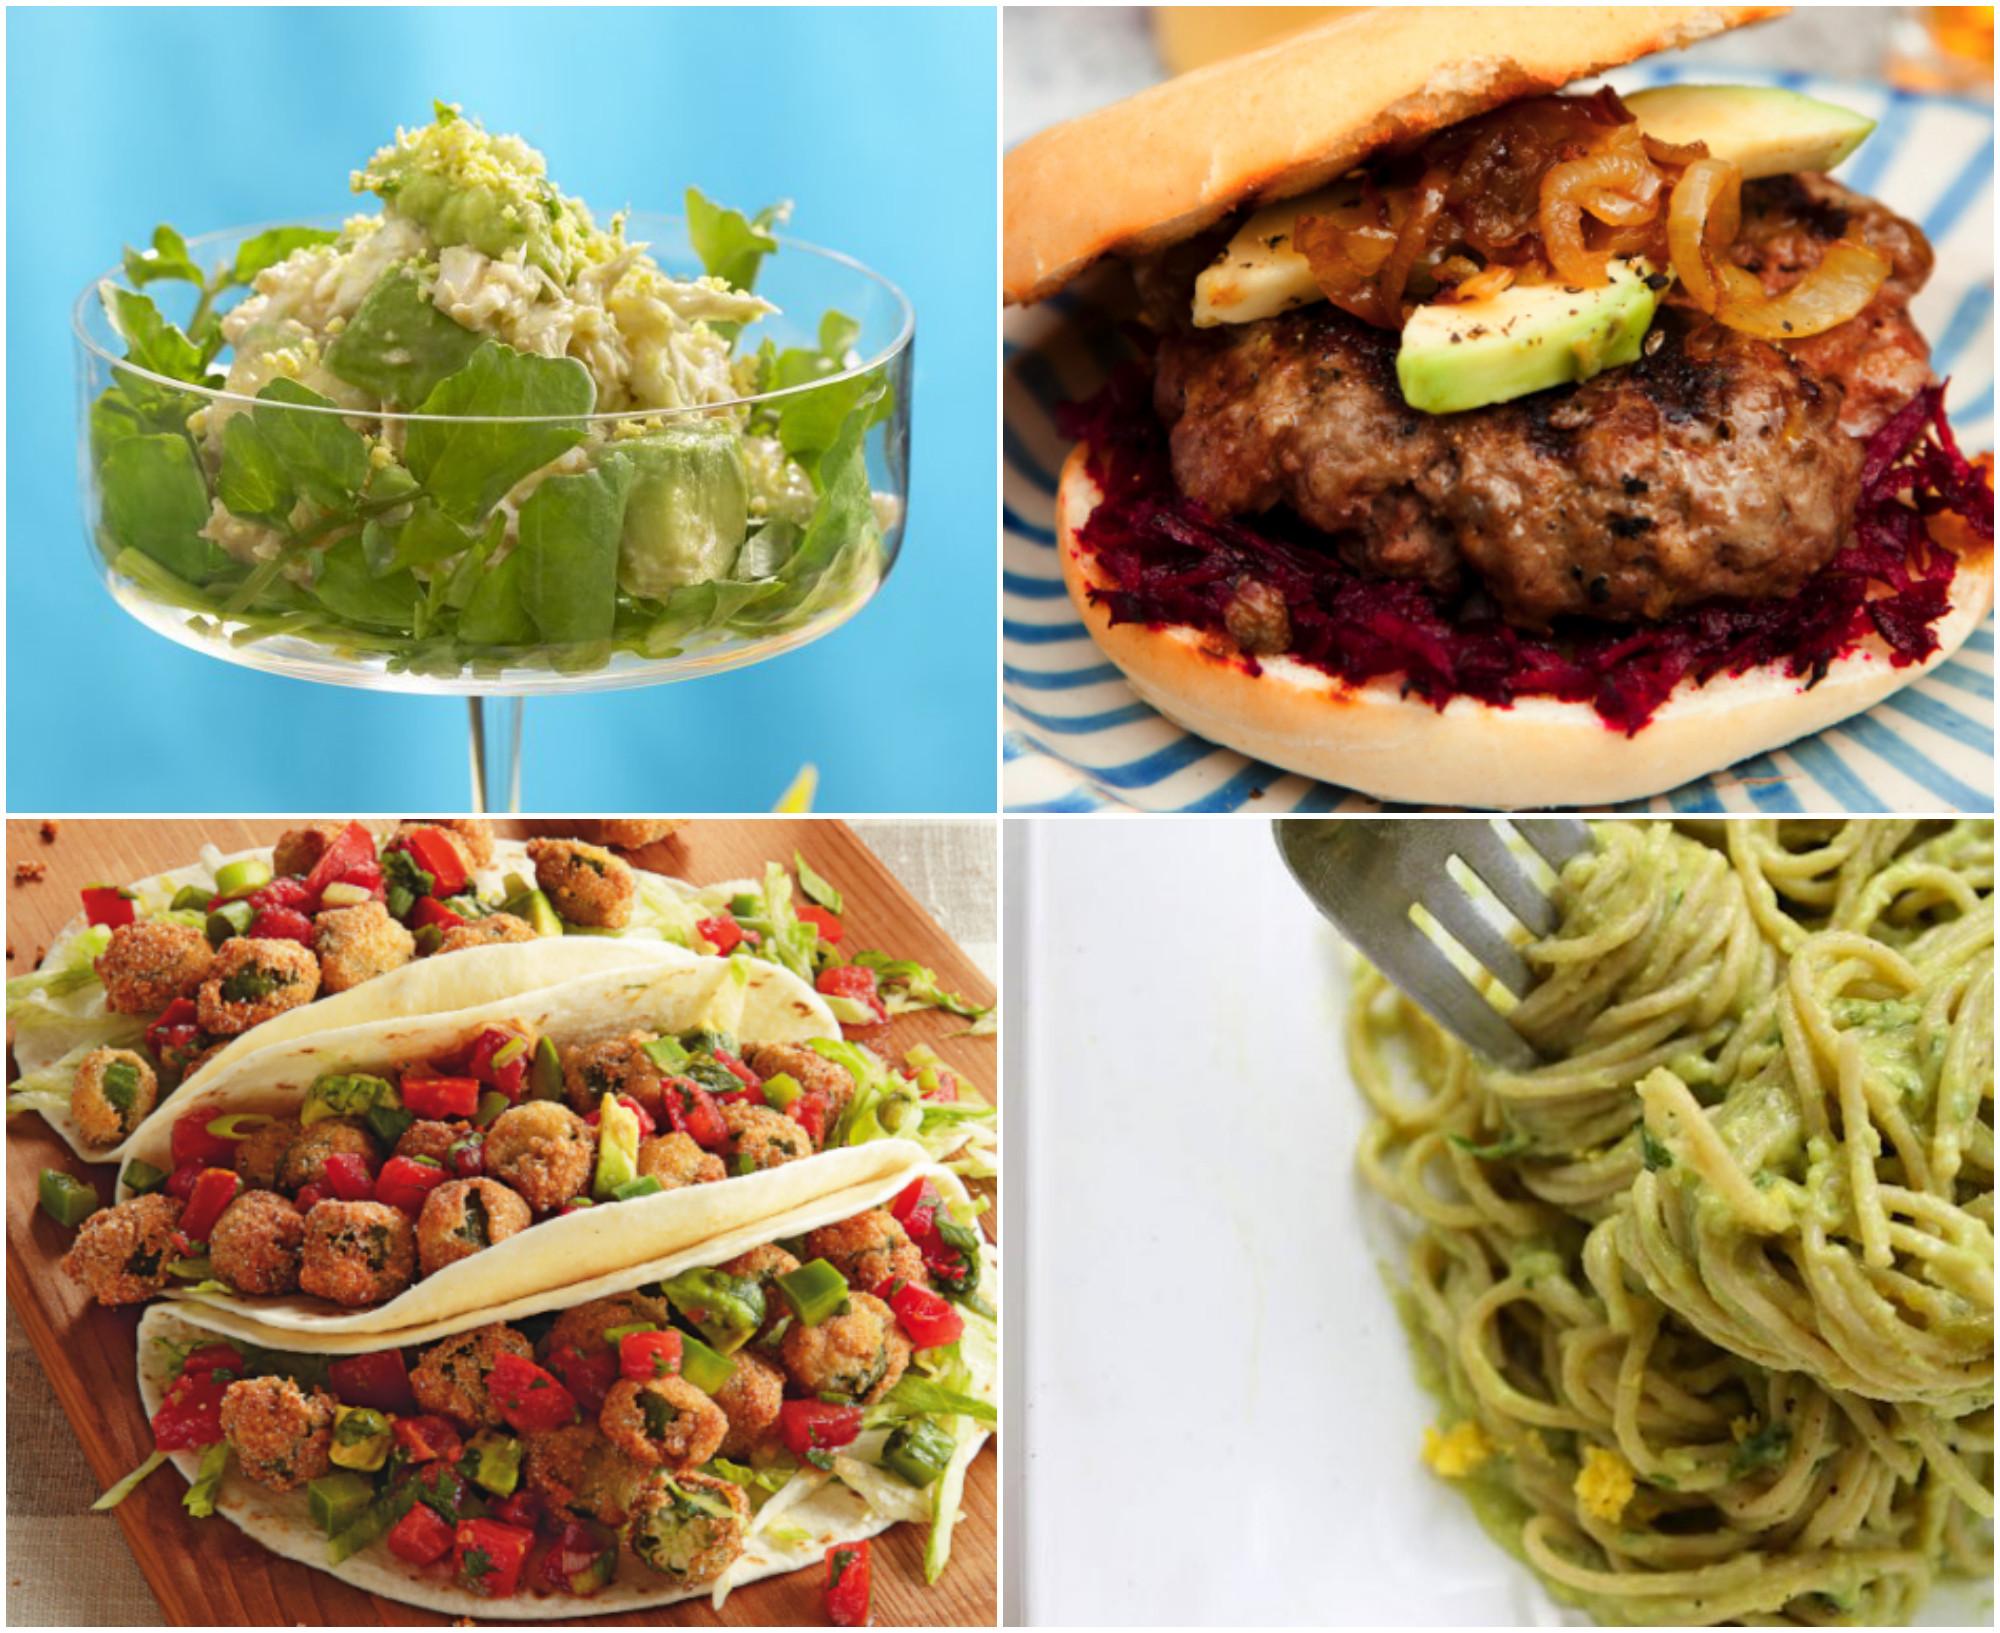 Ideas For Dinner Tonight  9 Ideas For Dinner Tonight Avocado Food Republic